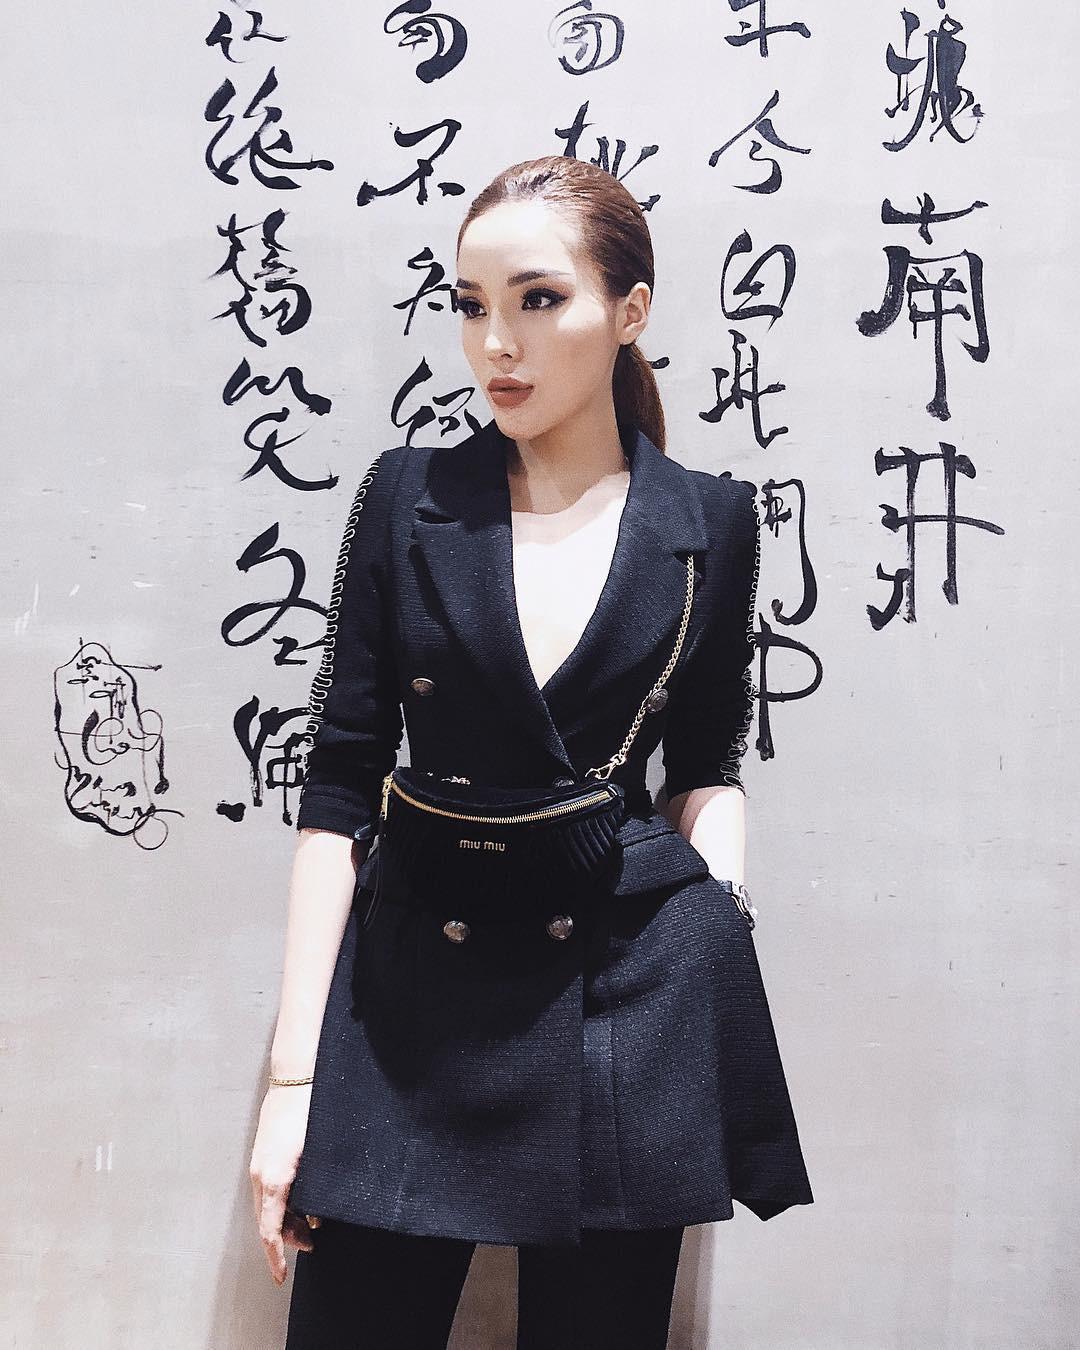 Cùng diện chung mẫu vest cá tính: trong khi Kỳ Duyên kín như bưng, Hòa Minzy lại khoe chân thon dài - Ảnh 4.